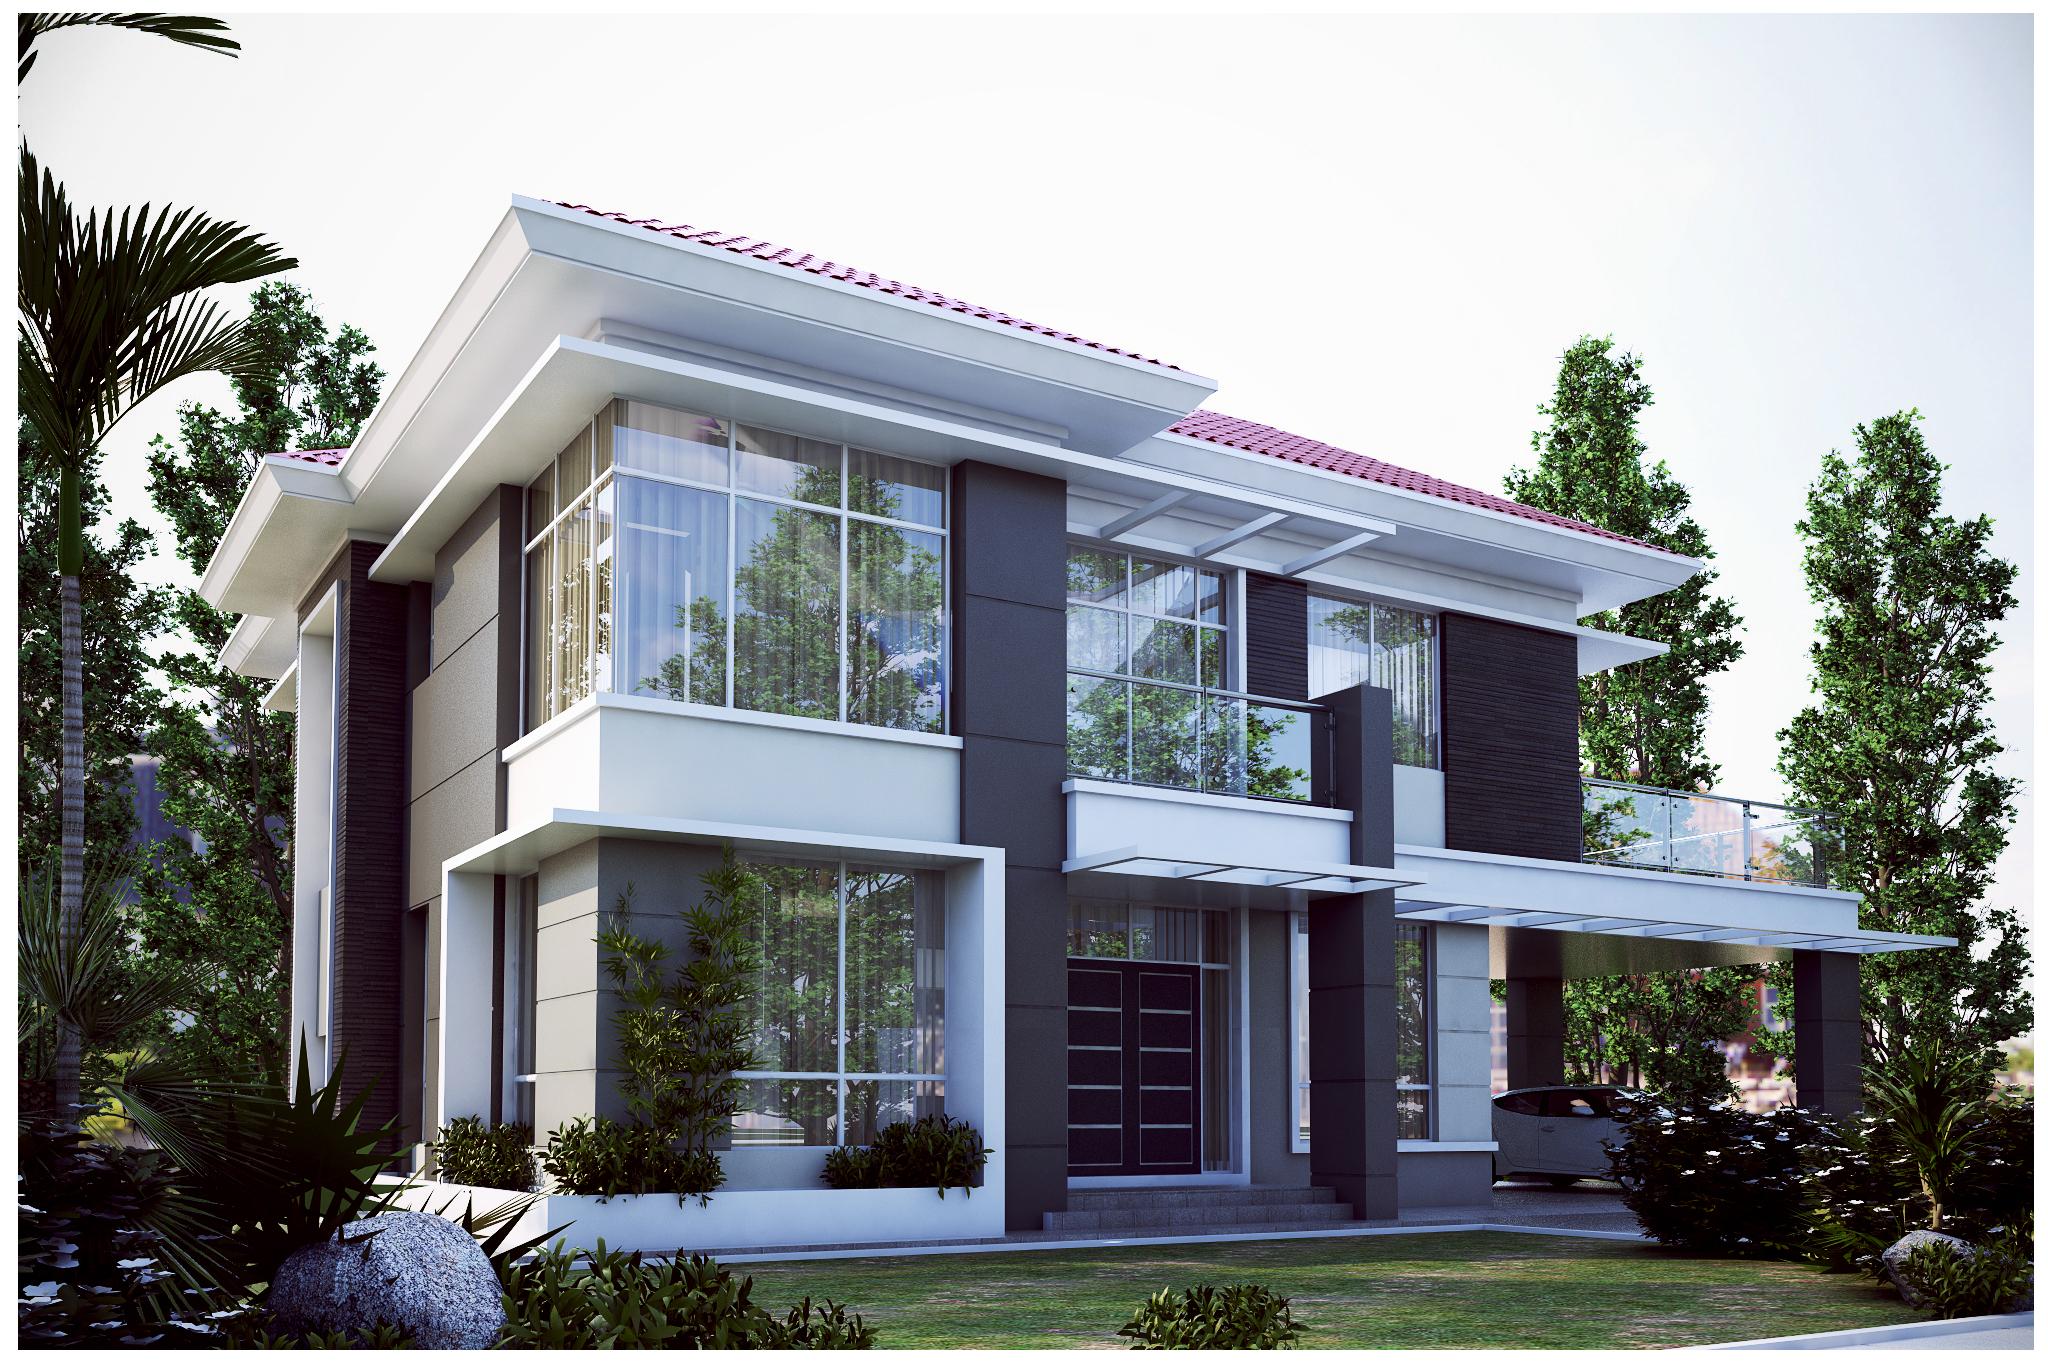 Double storey detached house design